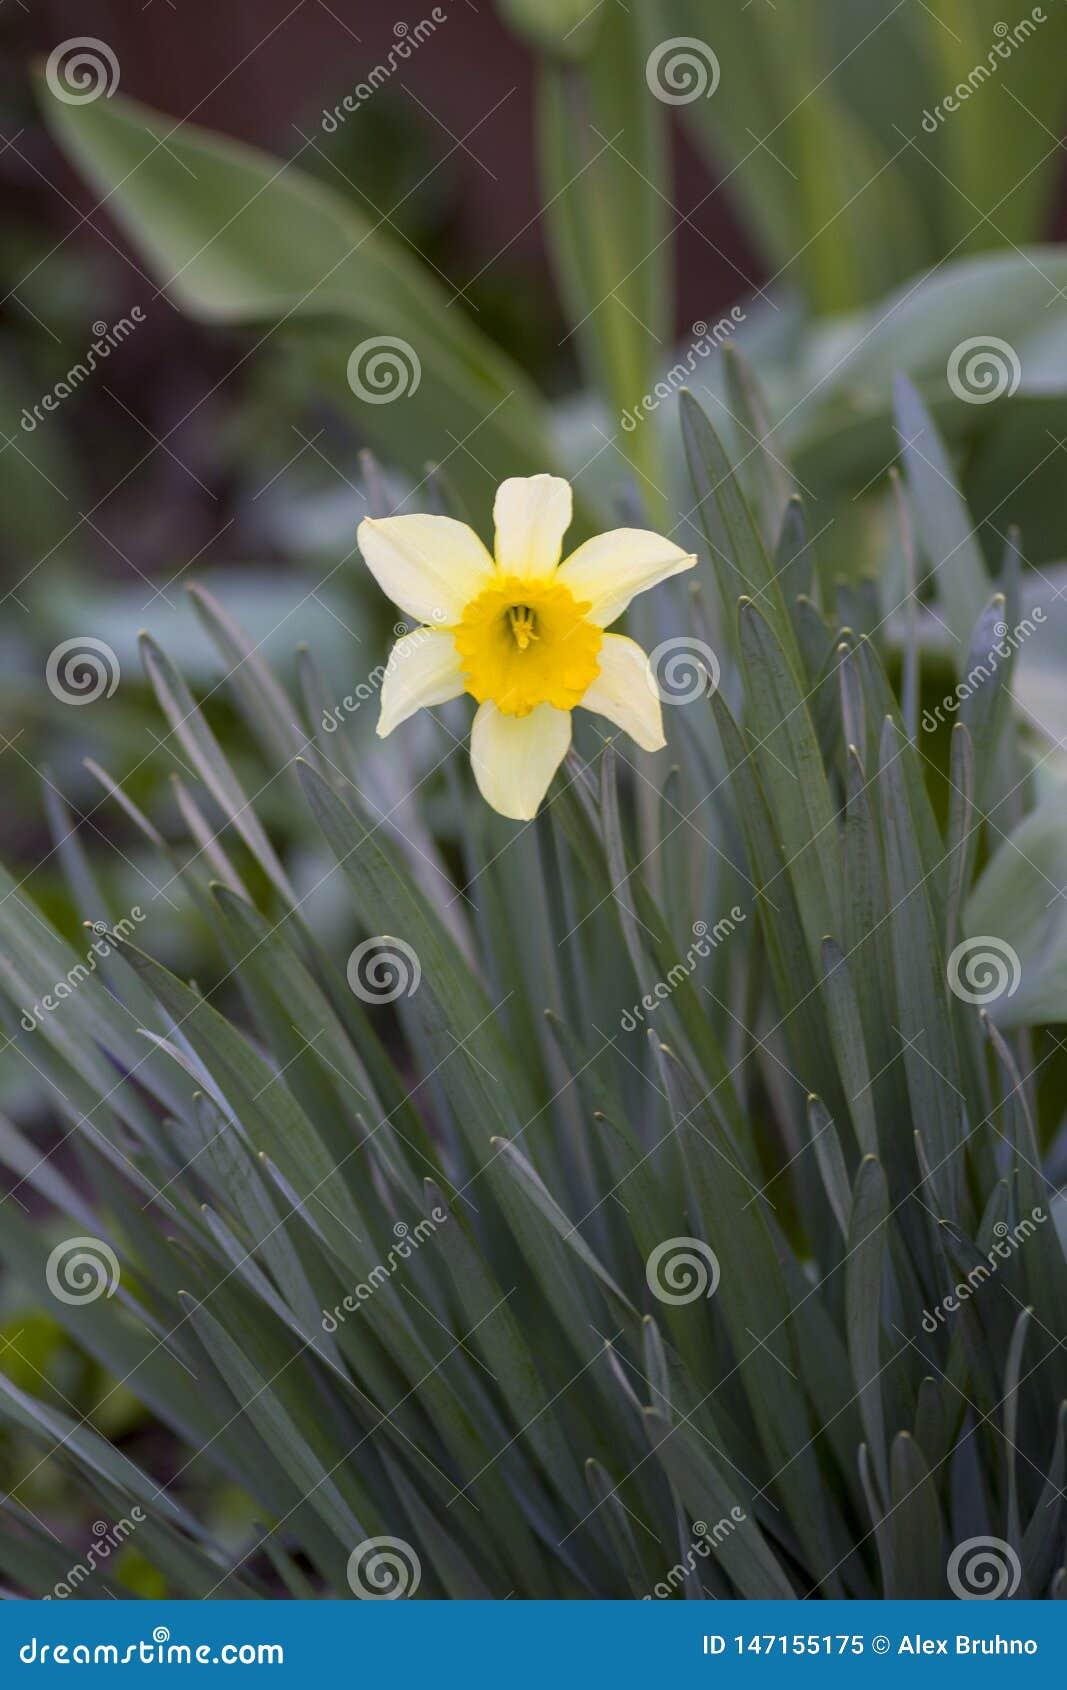 Λουλούδια στον κήπο o r κίτρινο λουλούδι νάρκισσοι λουλουδιών χλόη r